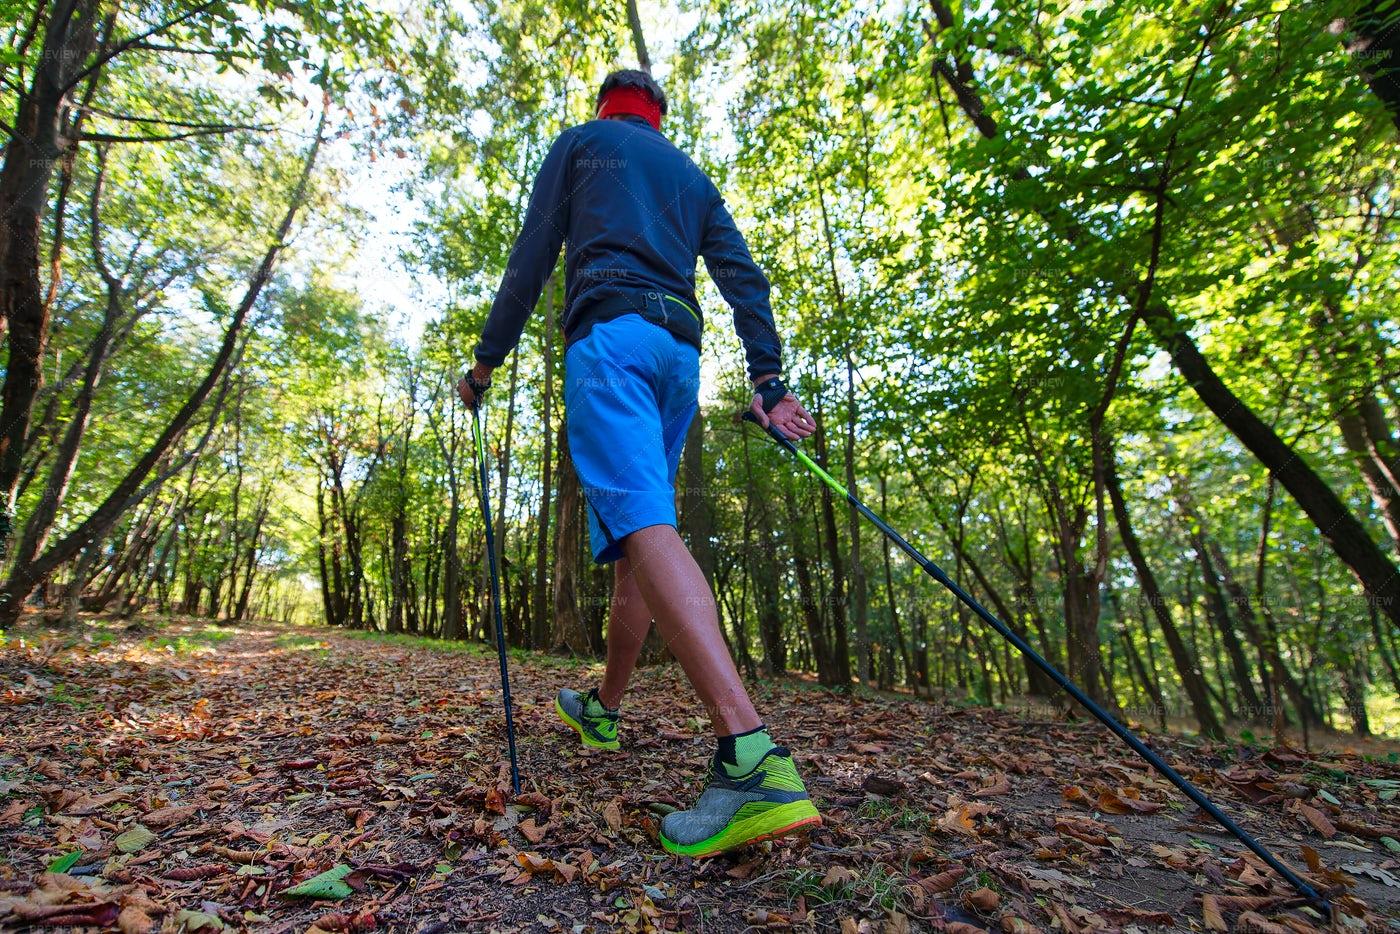 Man Practicing Nordic Walking: Stock Photos